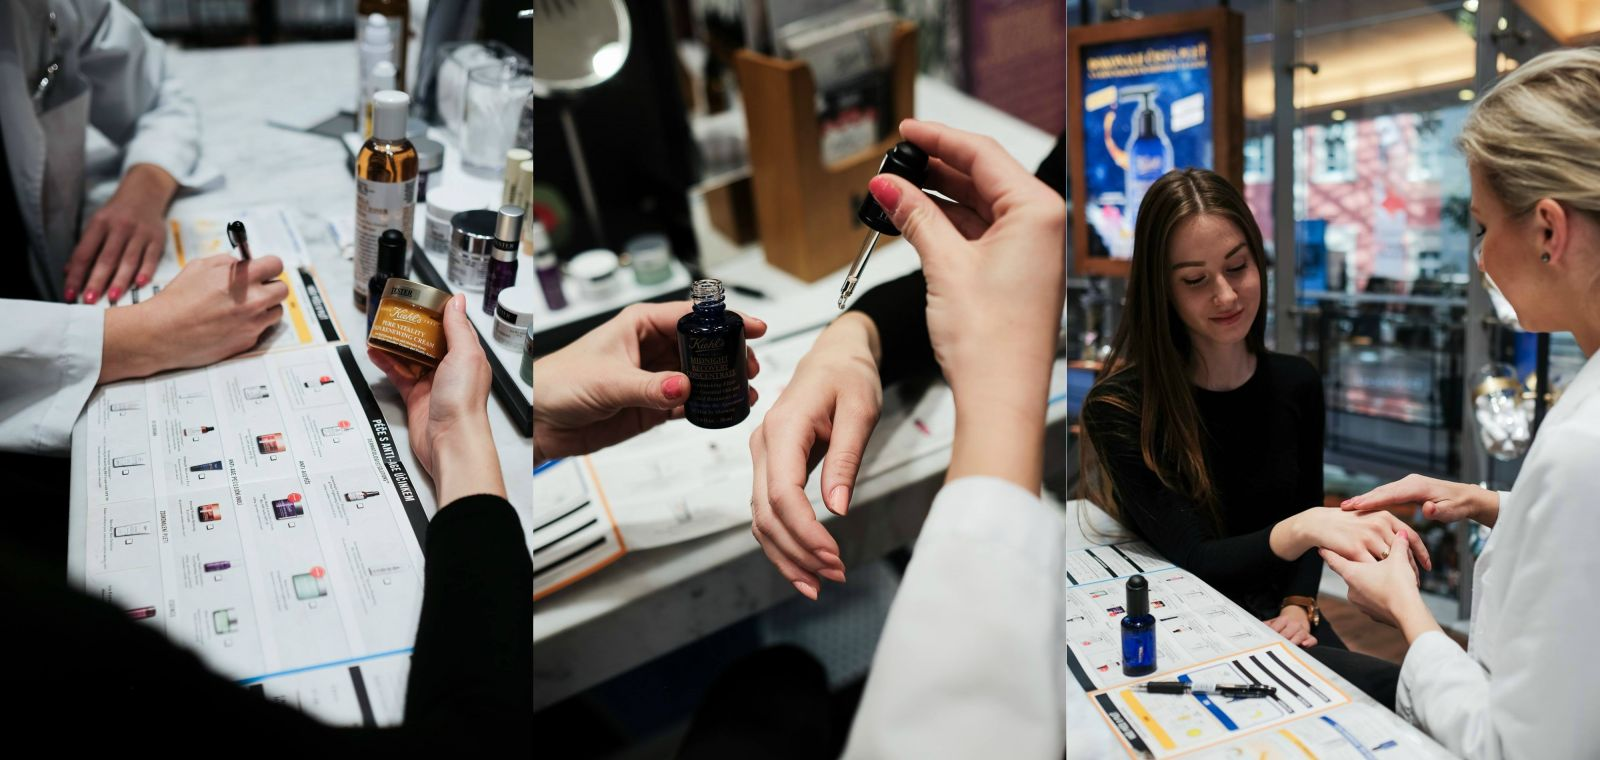 bőrápolás lépései, bőrápolás tiniknek, bőrápolás biológia, autóülés bőrápolás, cipő bőrápolás, arcápolás lépései, arcápolás otthon, arcápolás 40 felett, arcápolás férfiaknak, arcápolás természetesen, arcápolás 30 felett, arcápolási termékek, arcpakolás pattanások ellen, kiehl's magyarország, kiehl's webshop, kiehl's árak, kiehl's vélemények, kiehl's midnight recovery, kiehl's westend, kiehl's budapest, kiehl's krém, szépségtanácsadás, bwnet, online időpontfoglalás, online bejelentkezés